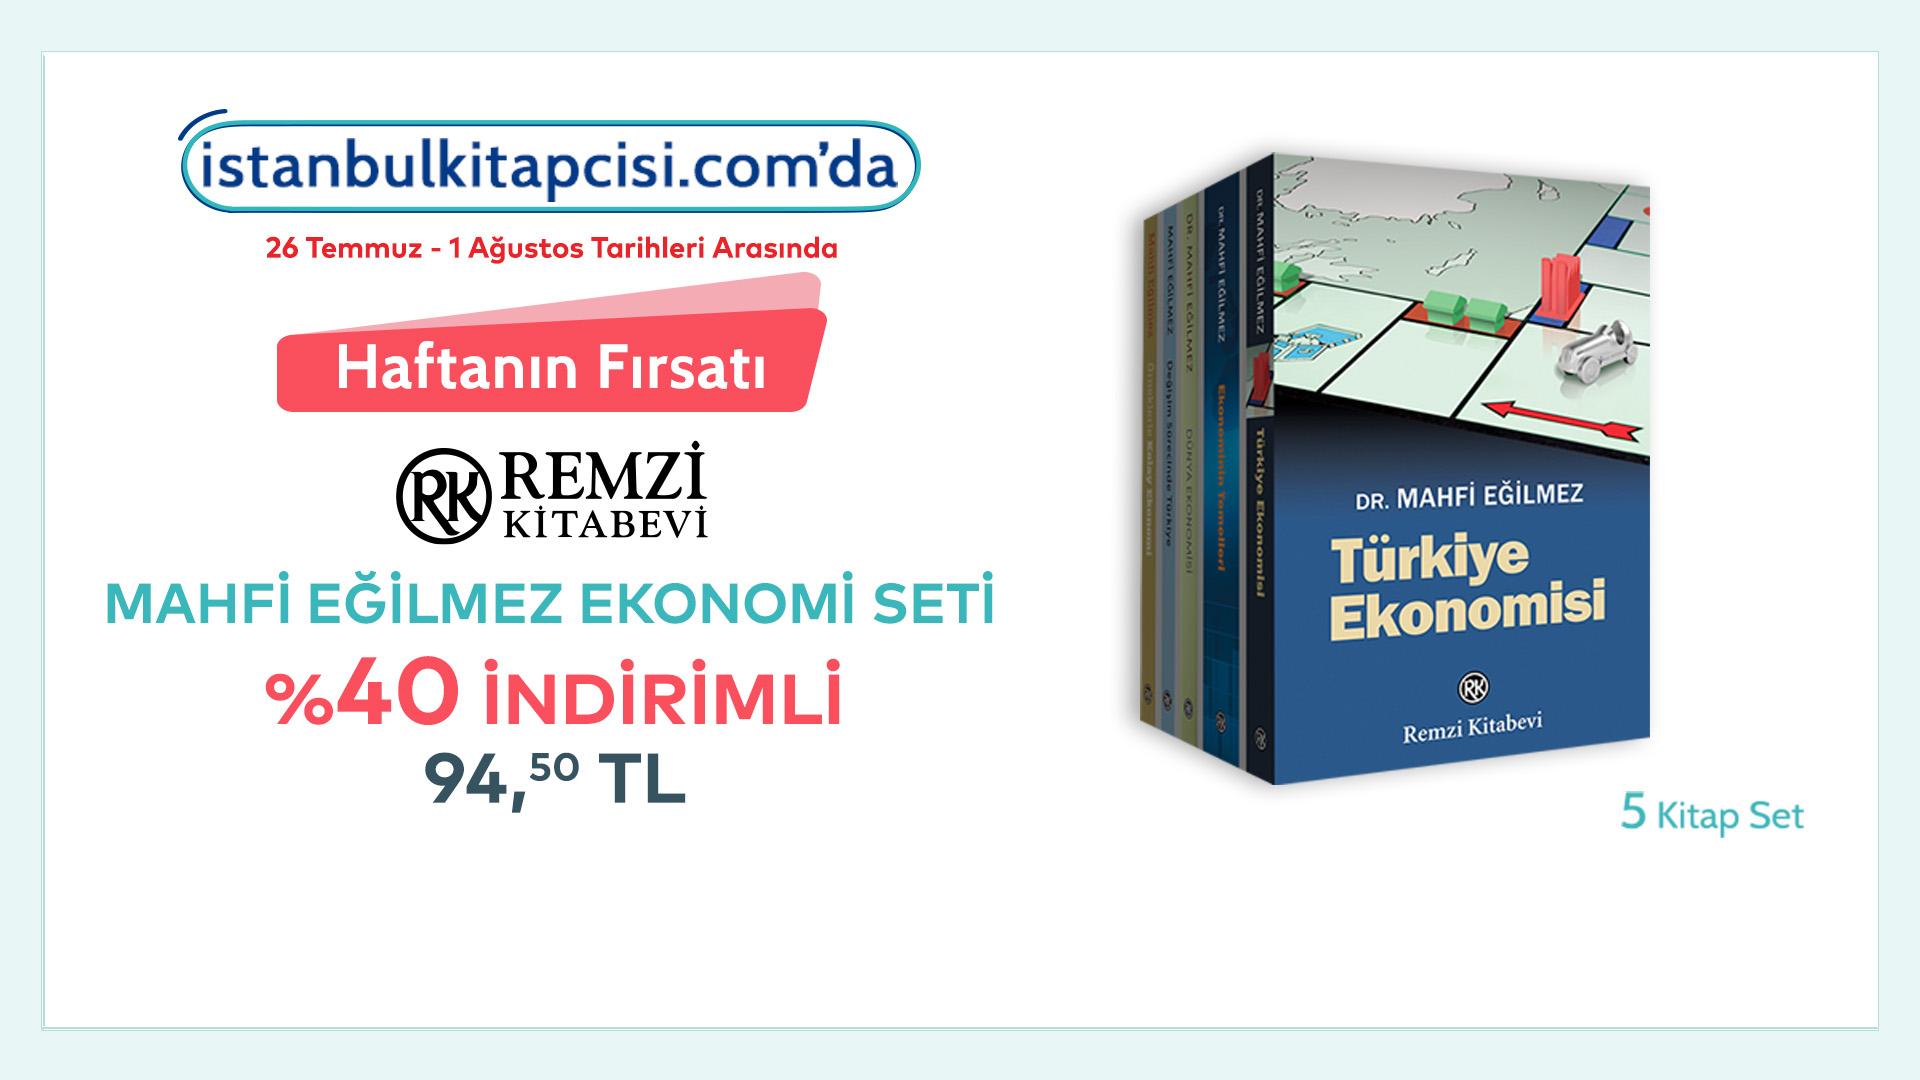 Mahfi Eğilmez Ekonomi Seti, www.istanbulkitapcisi.com'da indirimde!